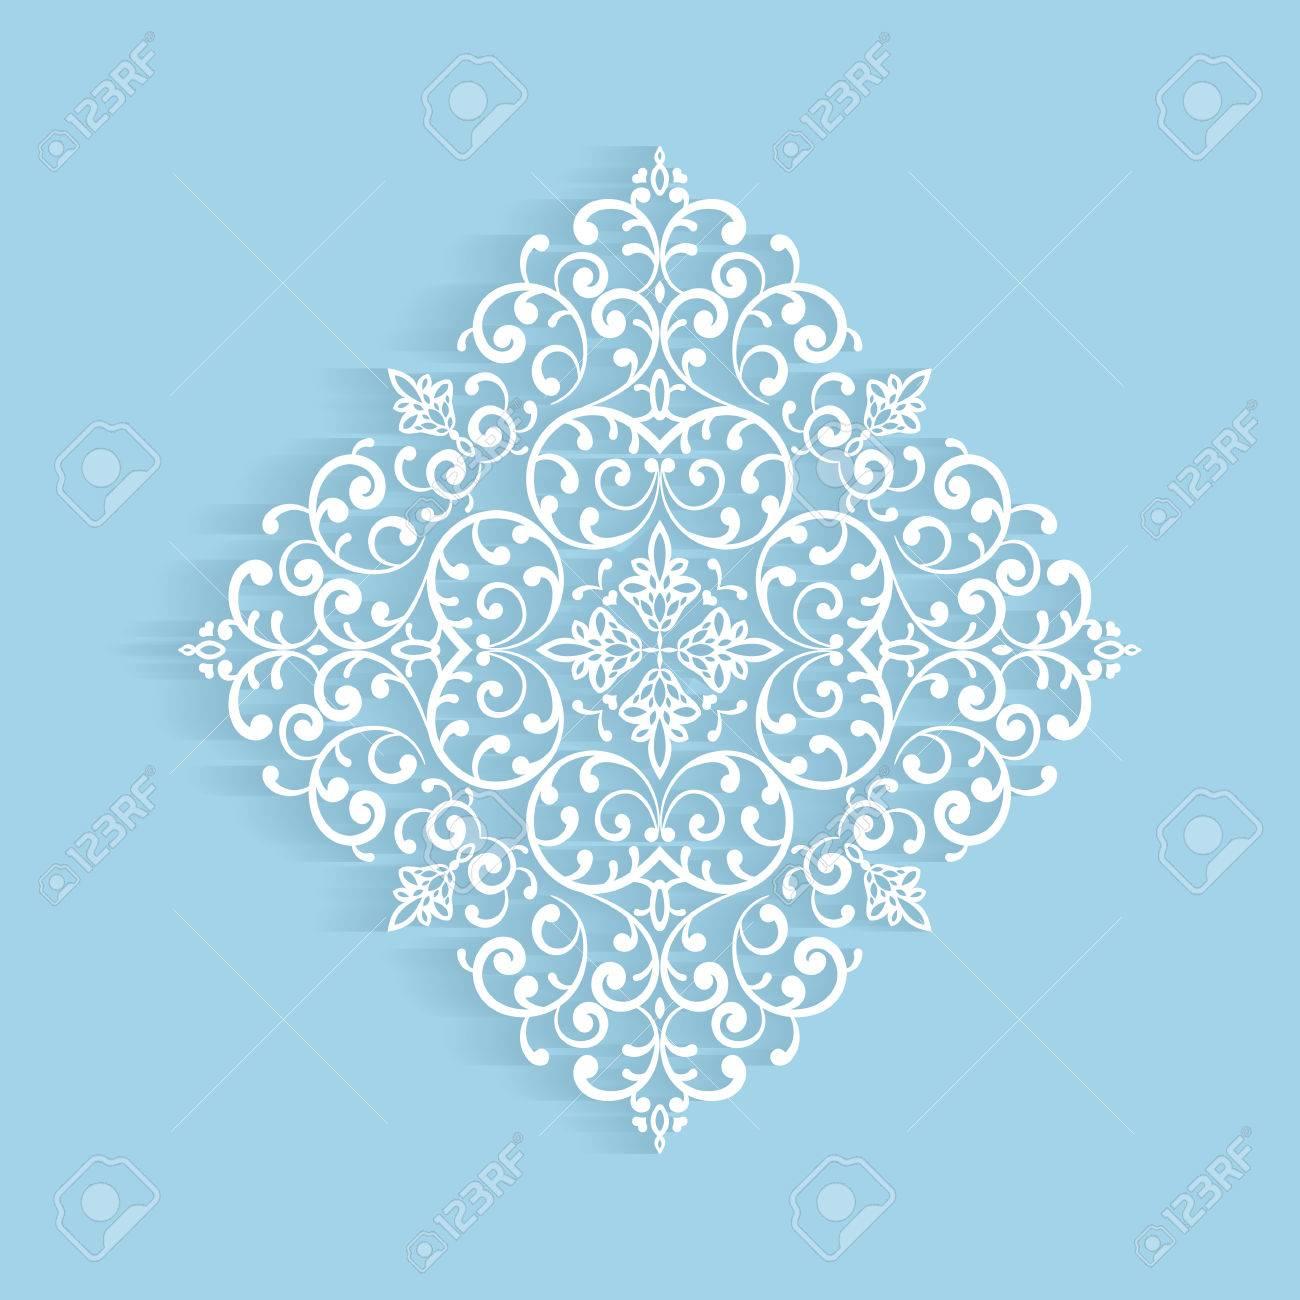 Papier Spitzendeckchen, Dekorative Schneeflocke, Häkeln Ornament ...